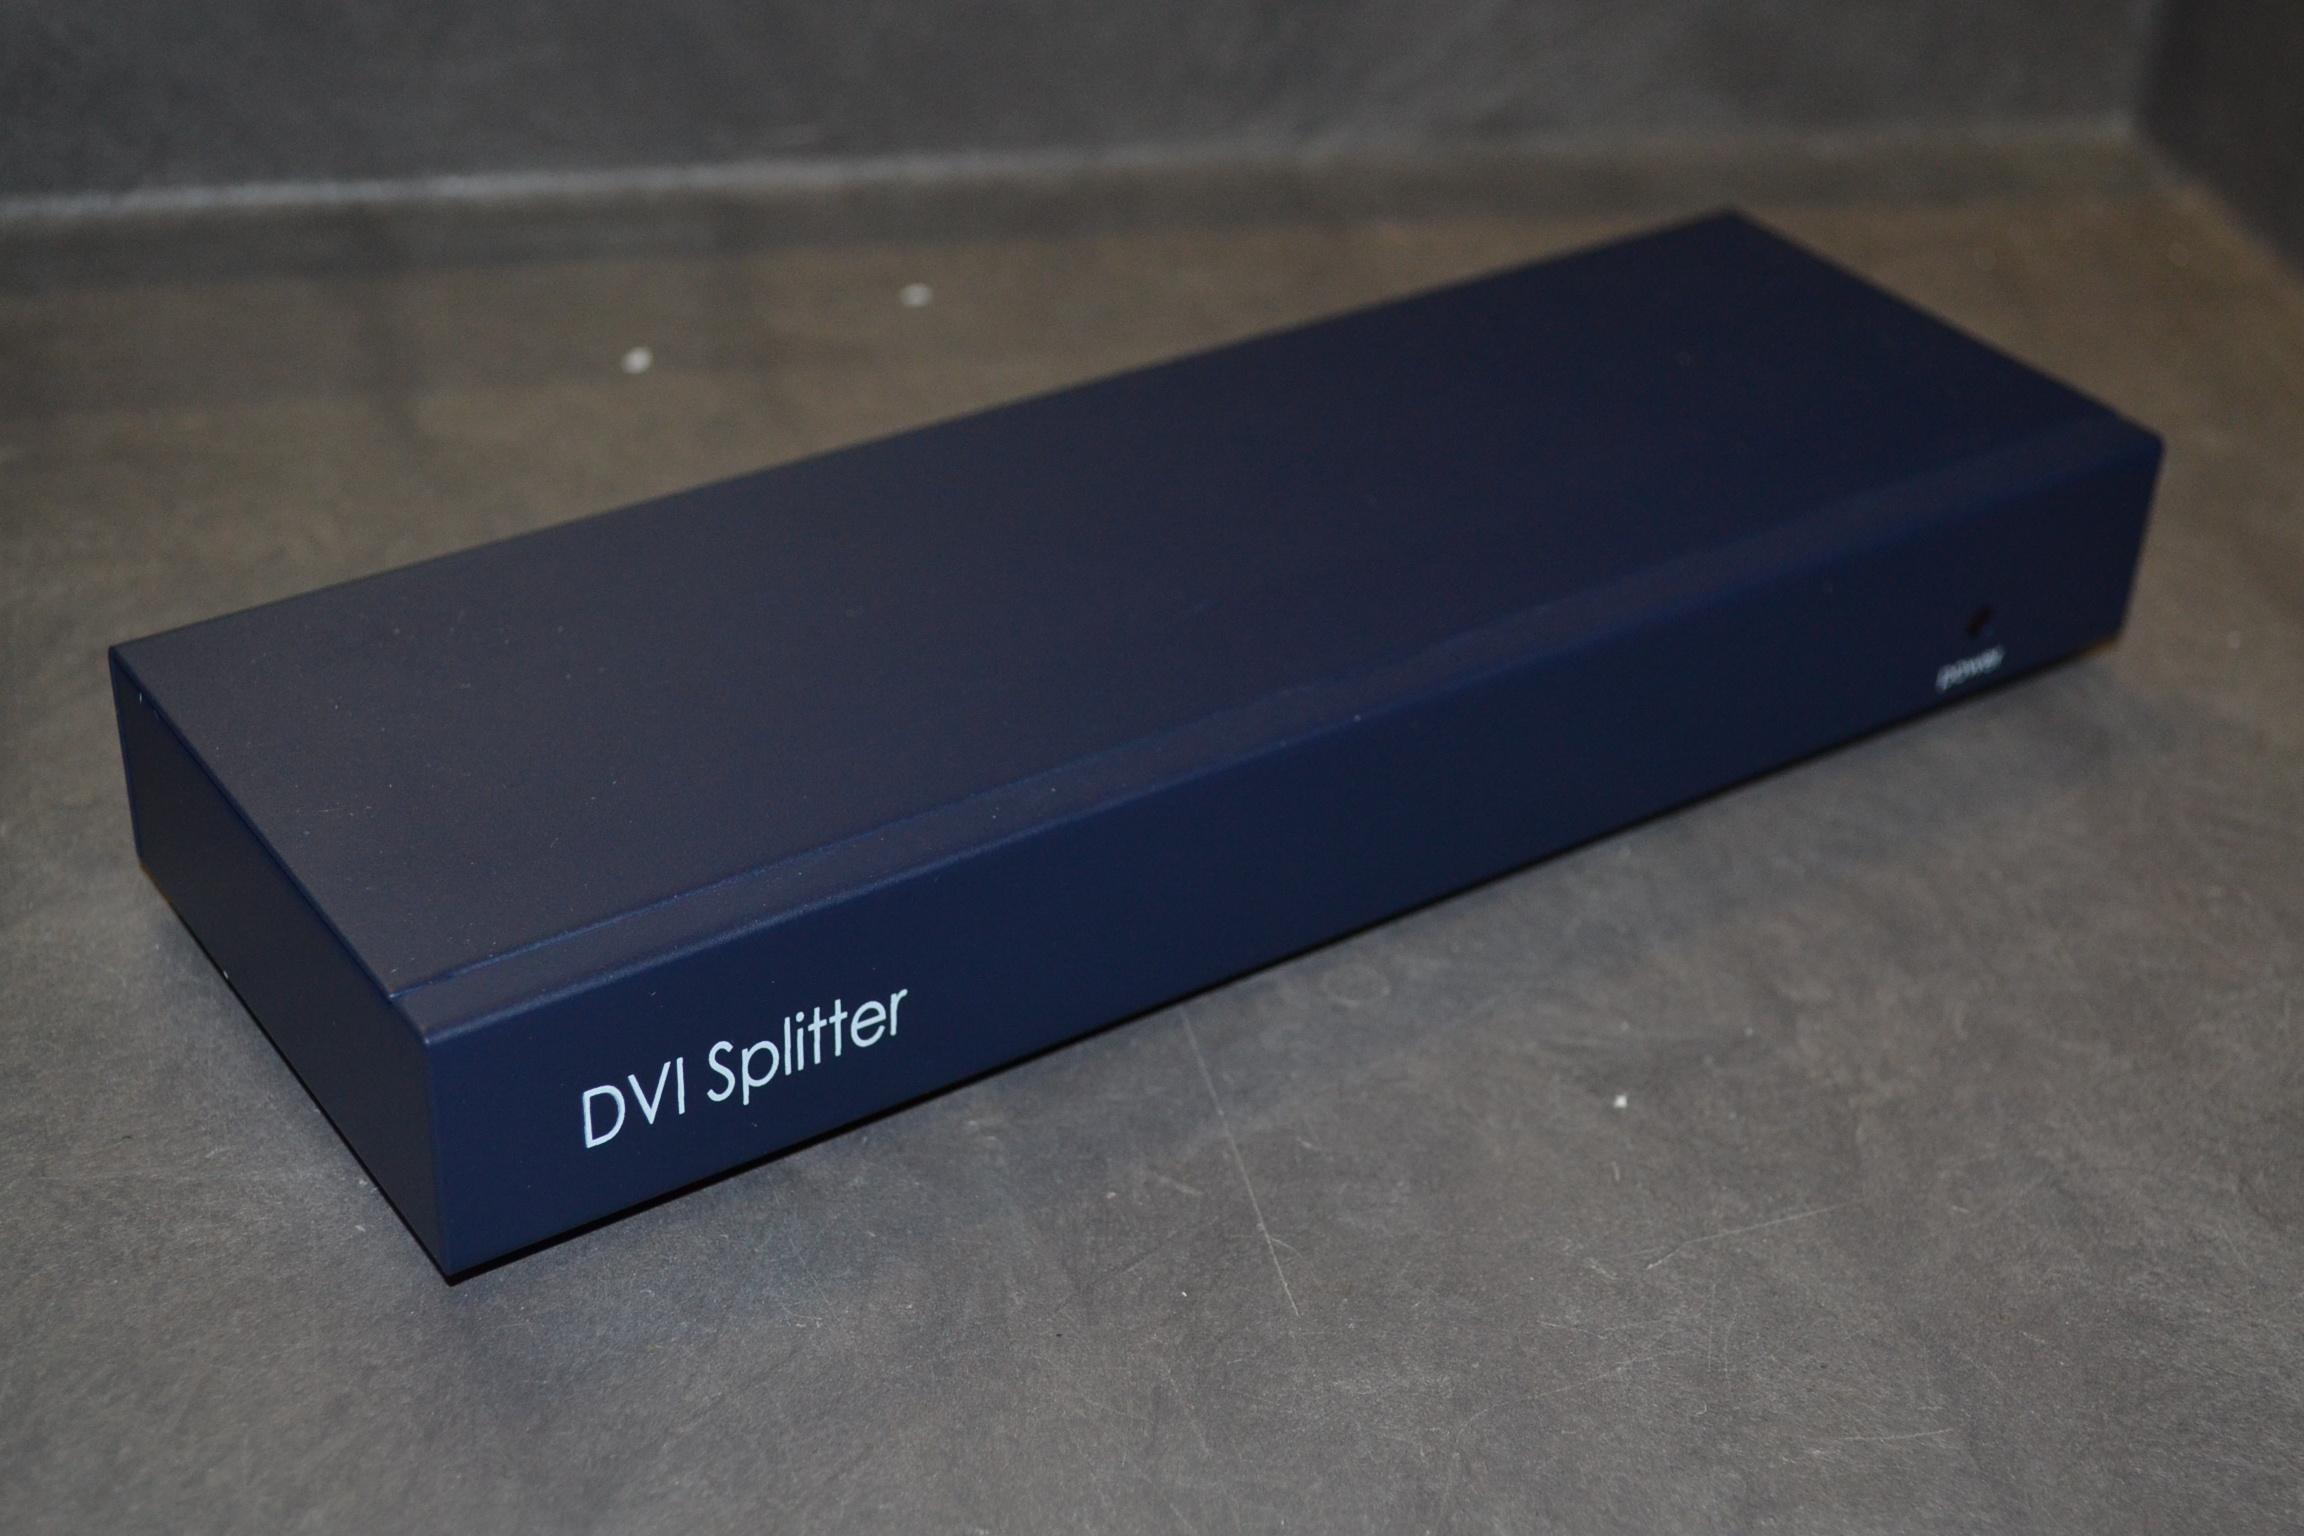 4-Port DVI Video Splitter 1900X1200 Black AV